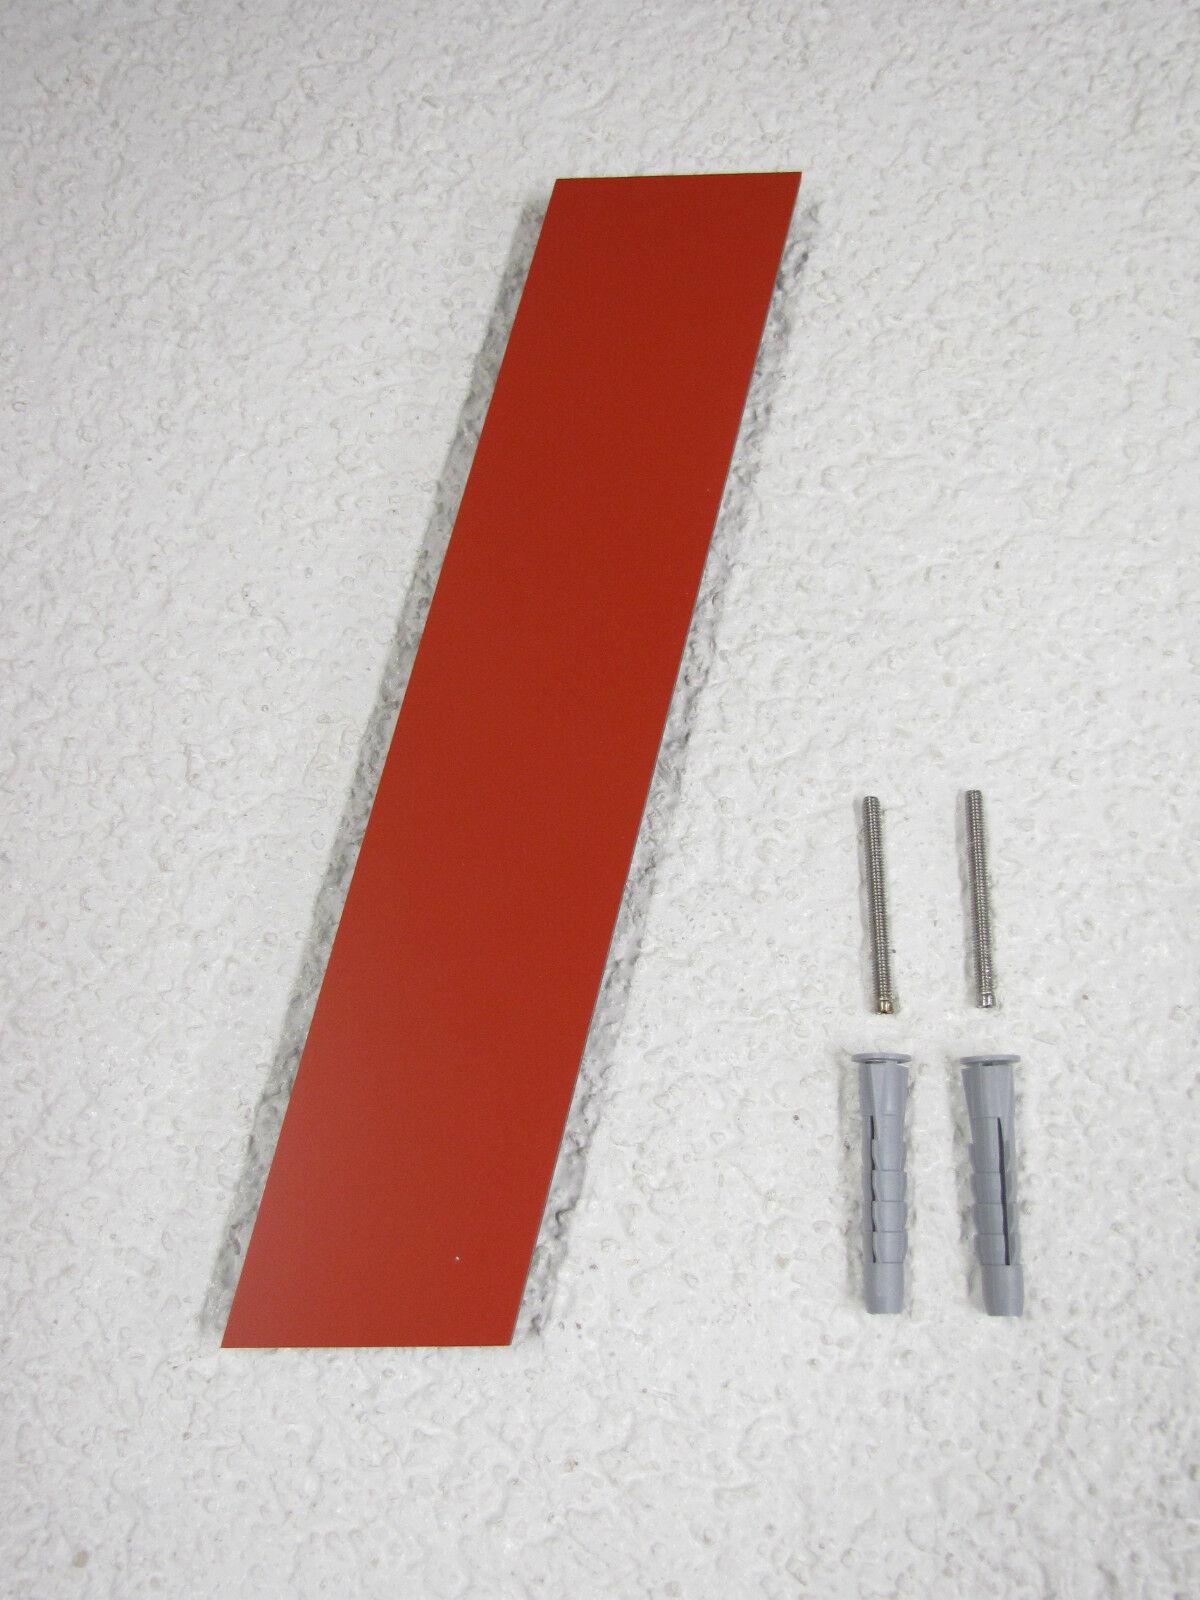 Hausnummer Rot RAL 3000 3000 3000 XXL 30 cm hoch 1 2 3 4 5 6 7 8 9 0 a b c d e f g h -   |   | Mittlere Kosten  | Neuheit Spielzeug  753cf3